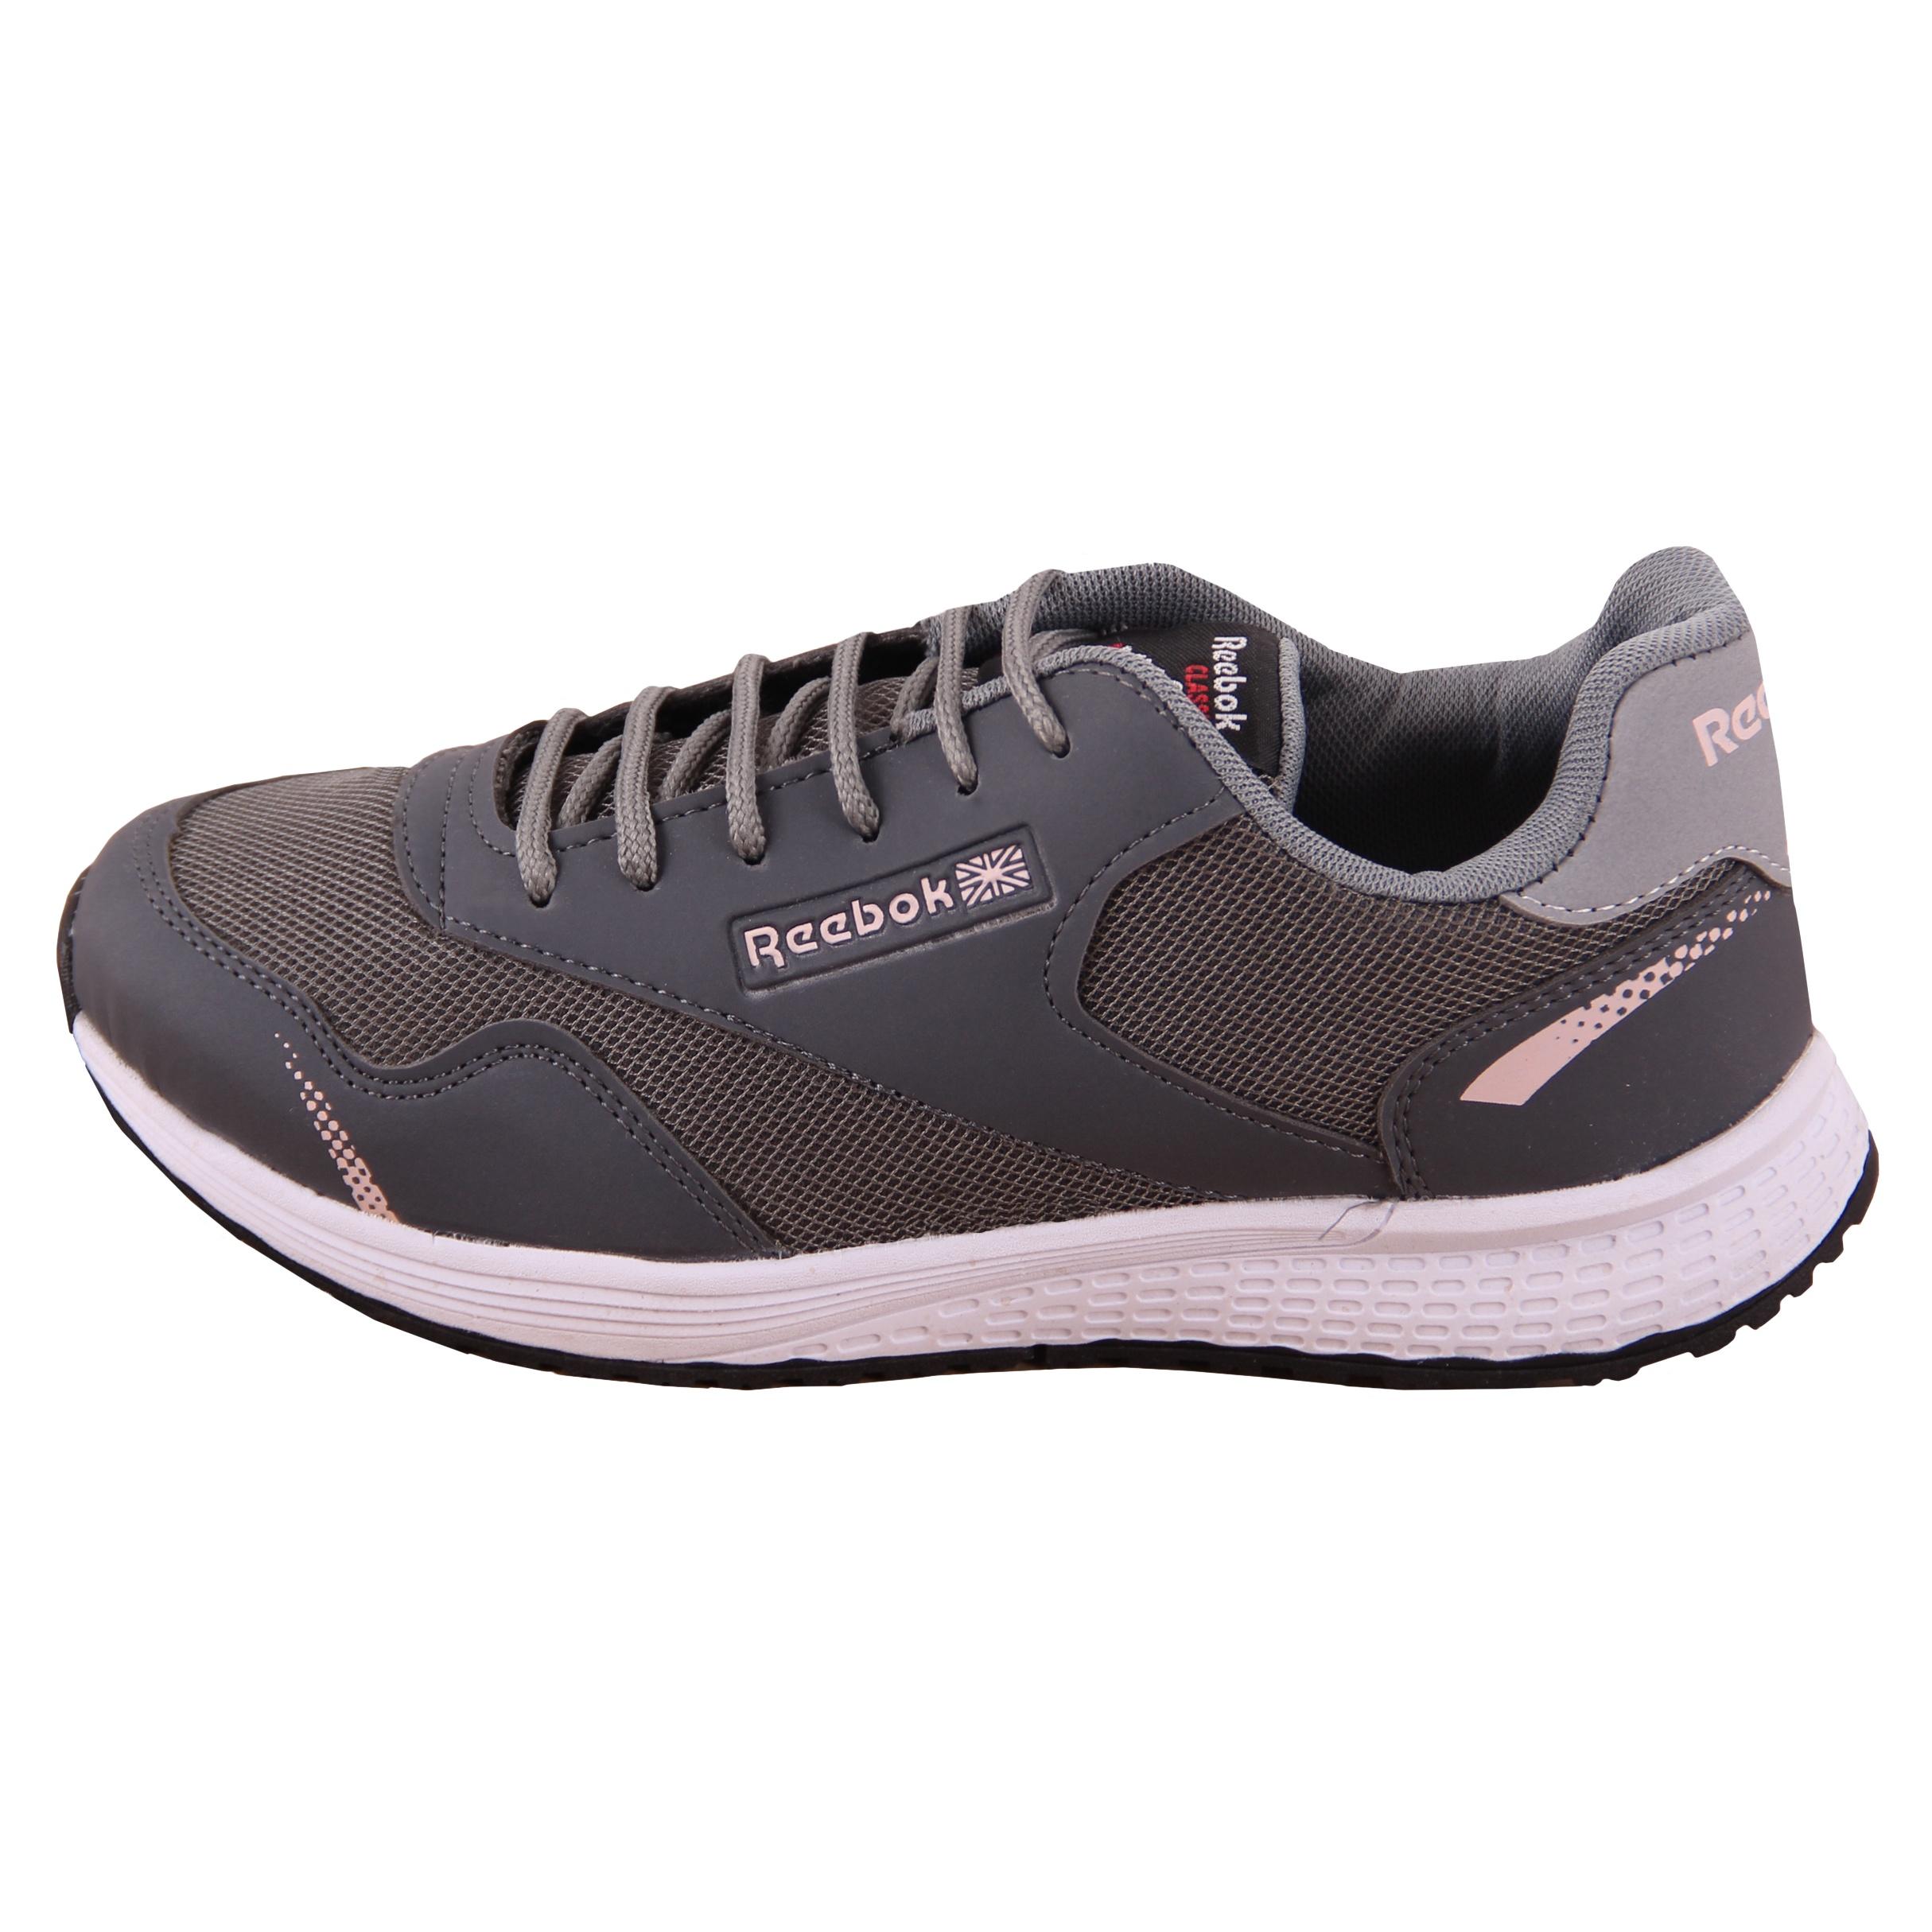 کفش مخصوص پیاده روی زنانه کد 21-39717